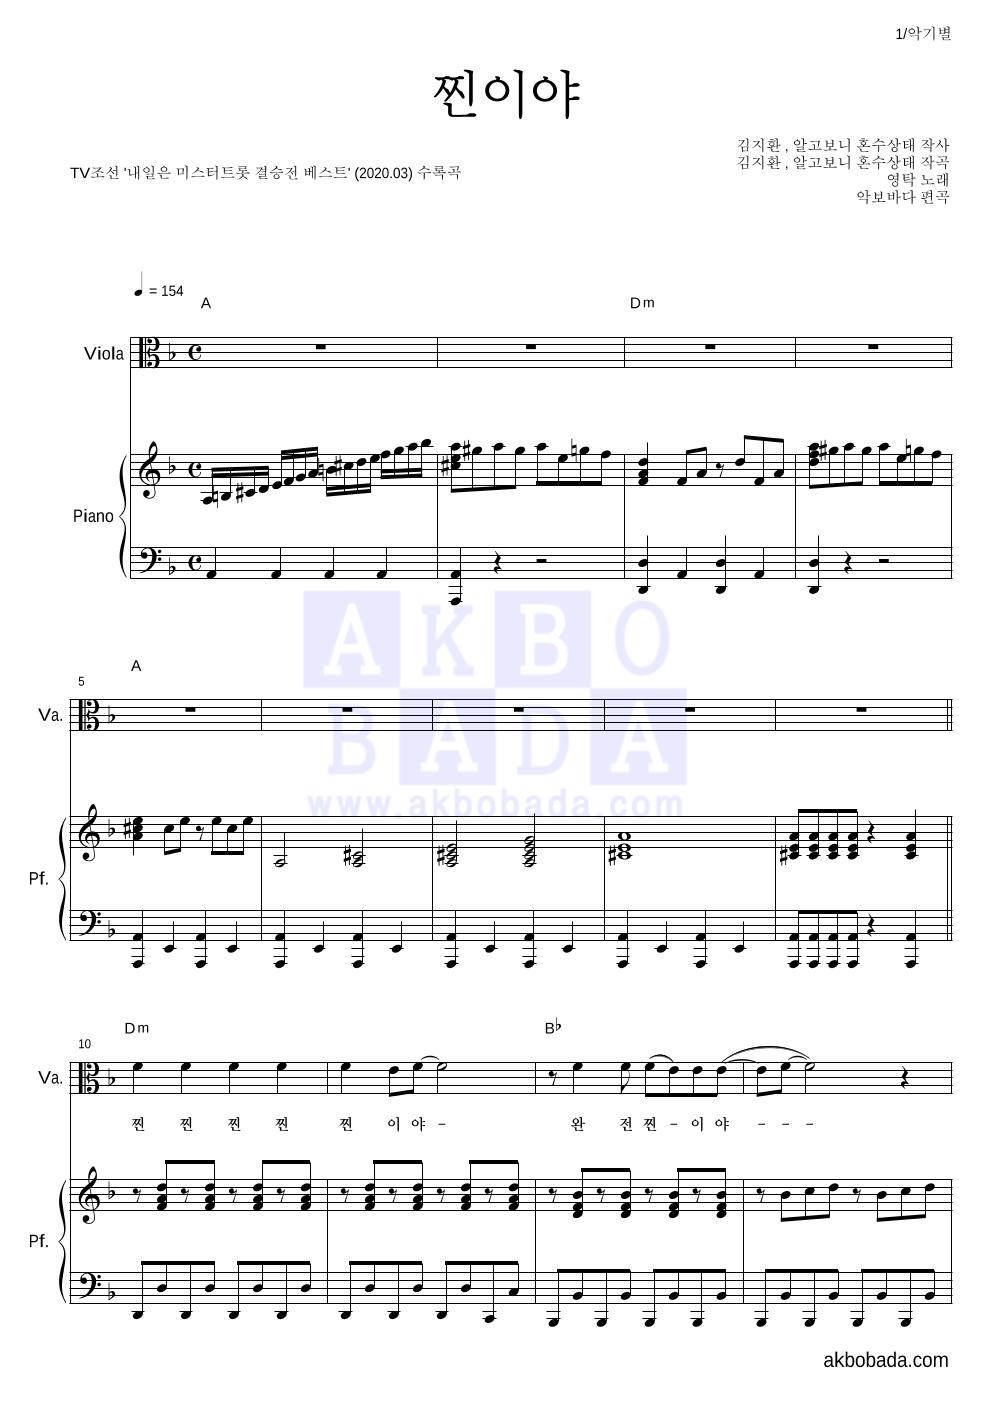 영탁 - 찐이야  악보